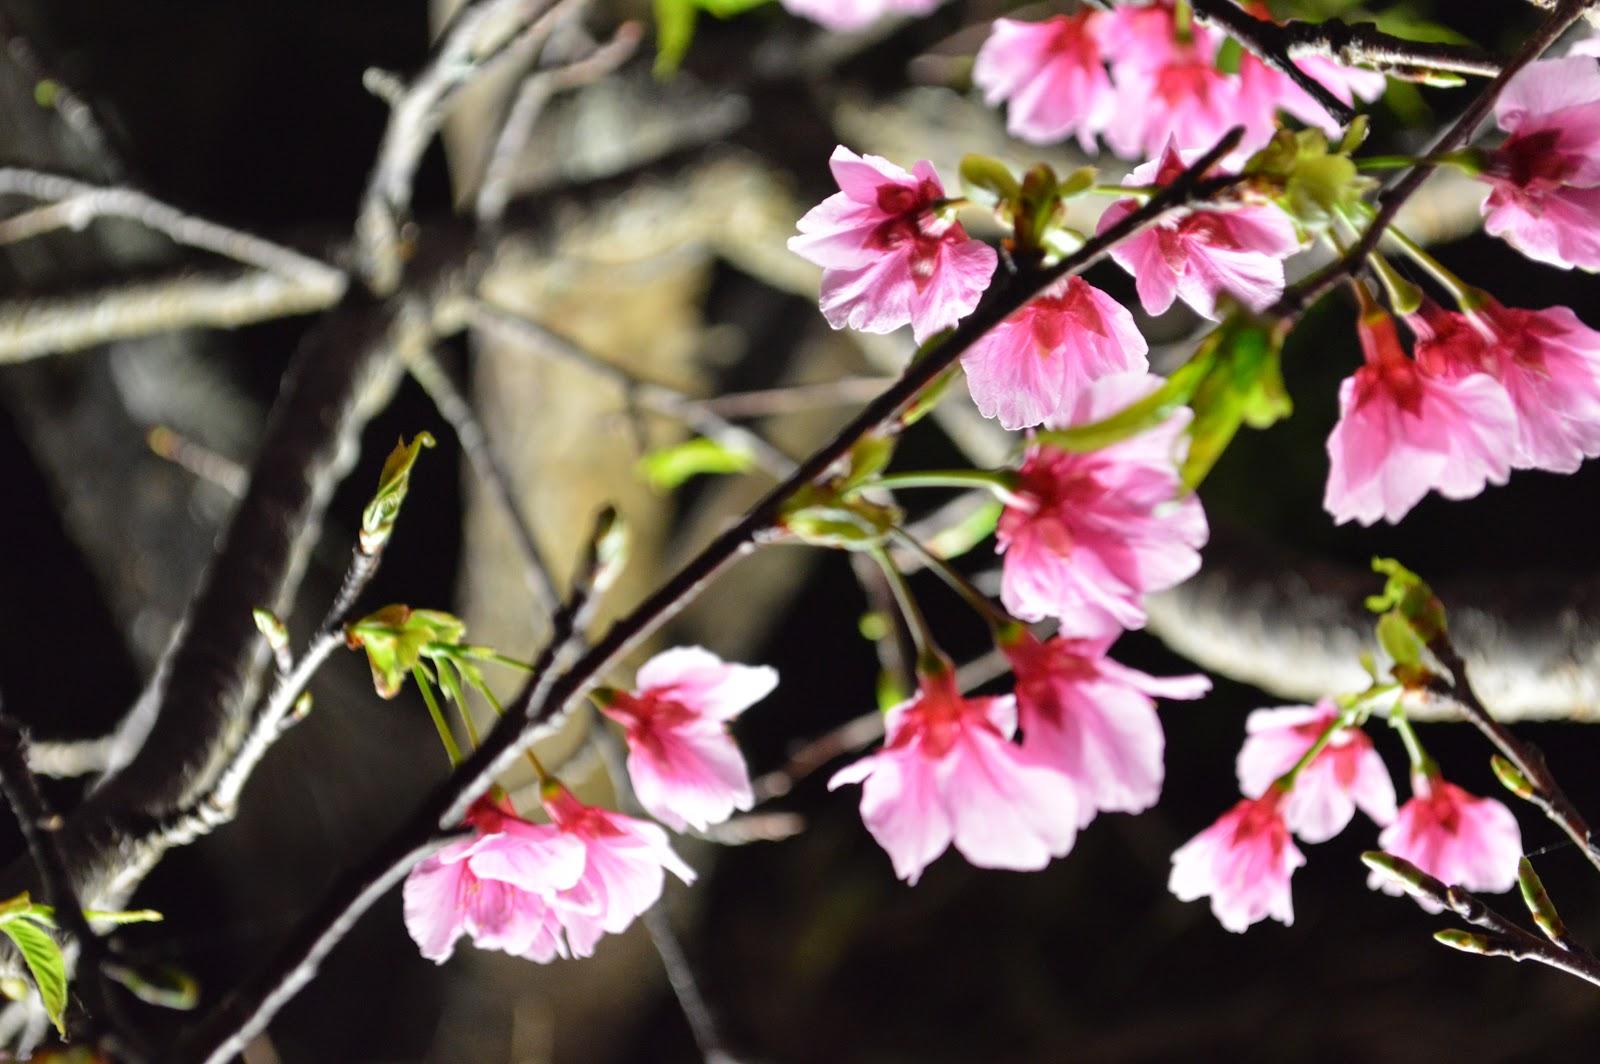 沖縄のヒカンザクラ Spring is here!